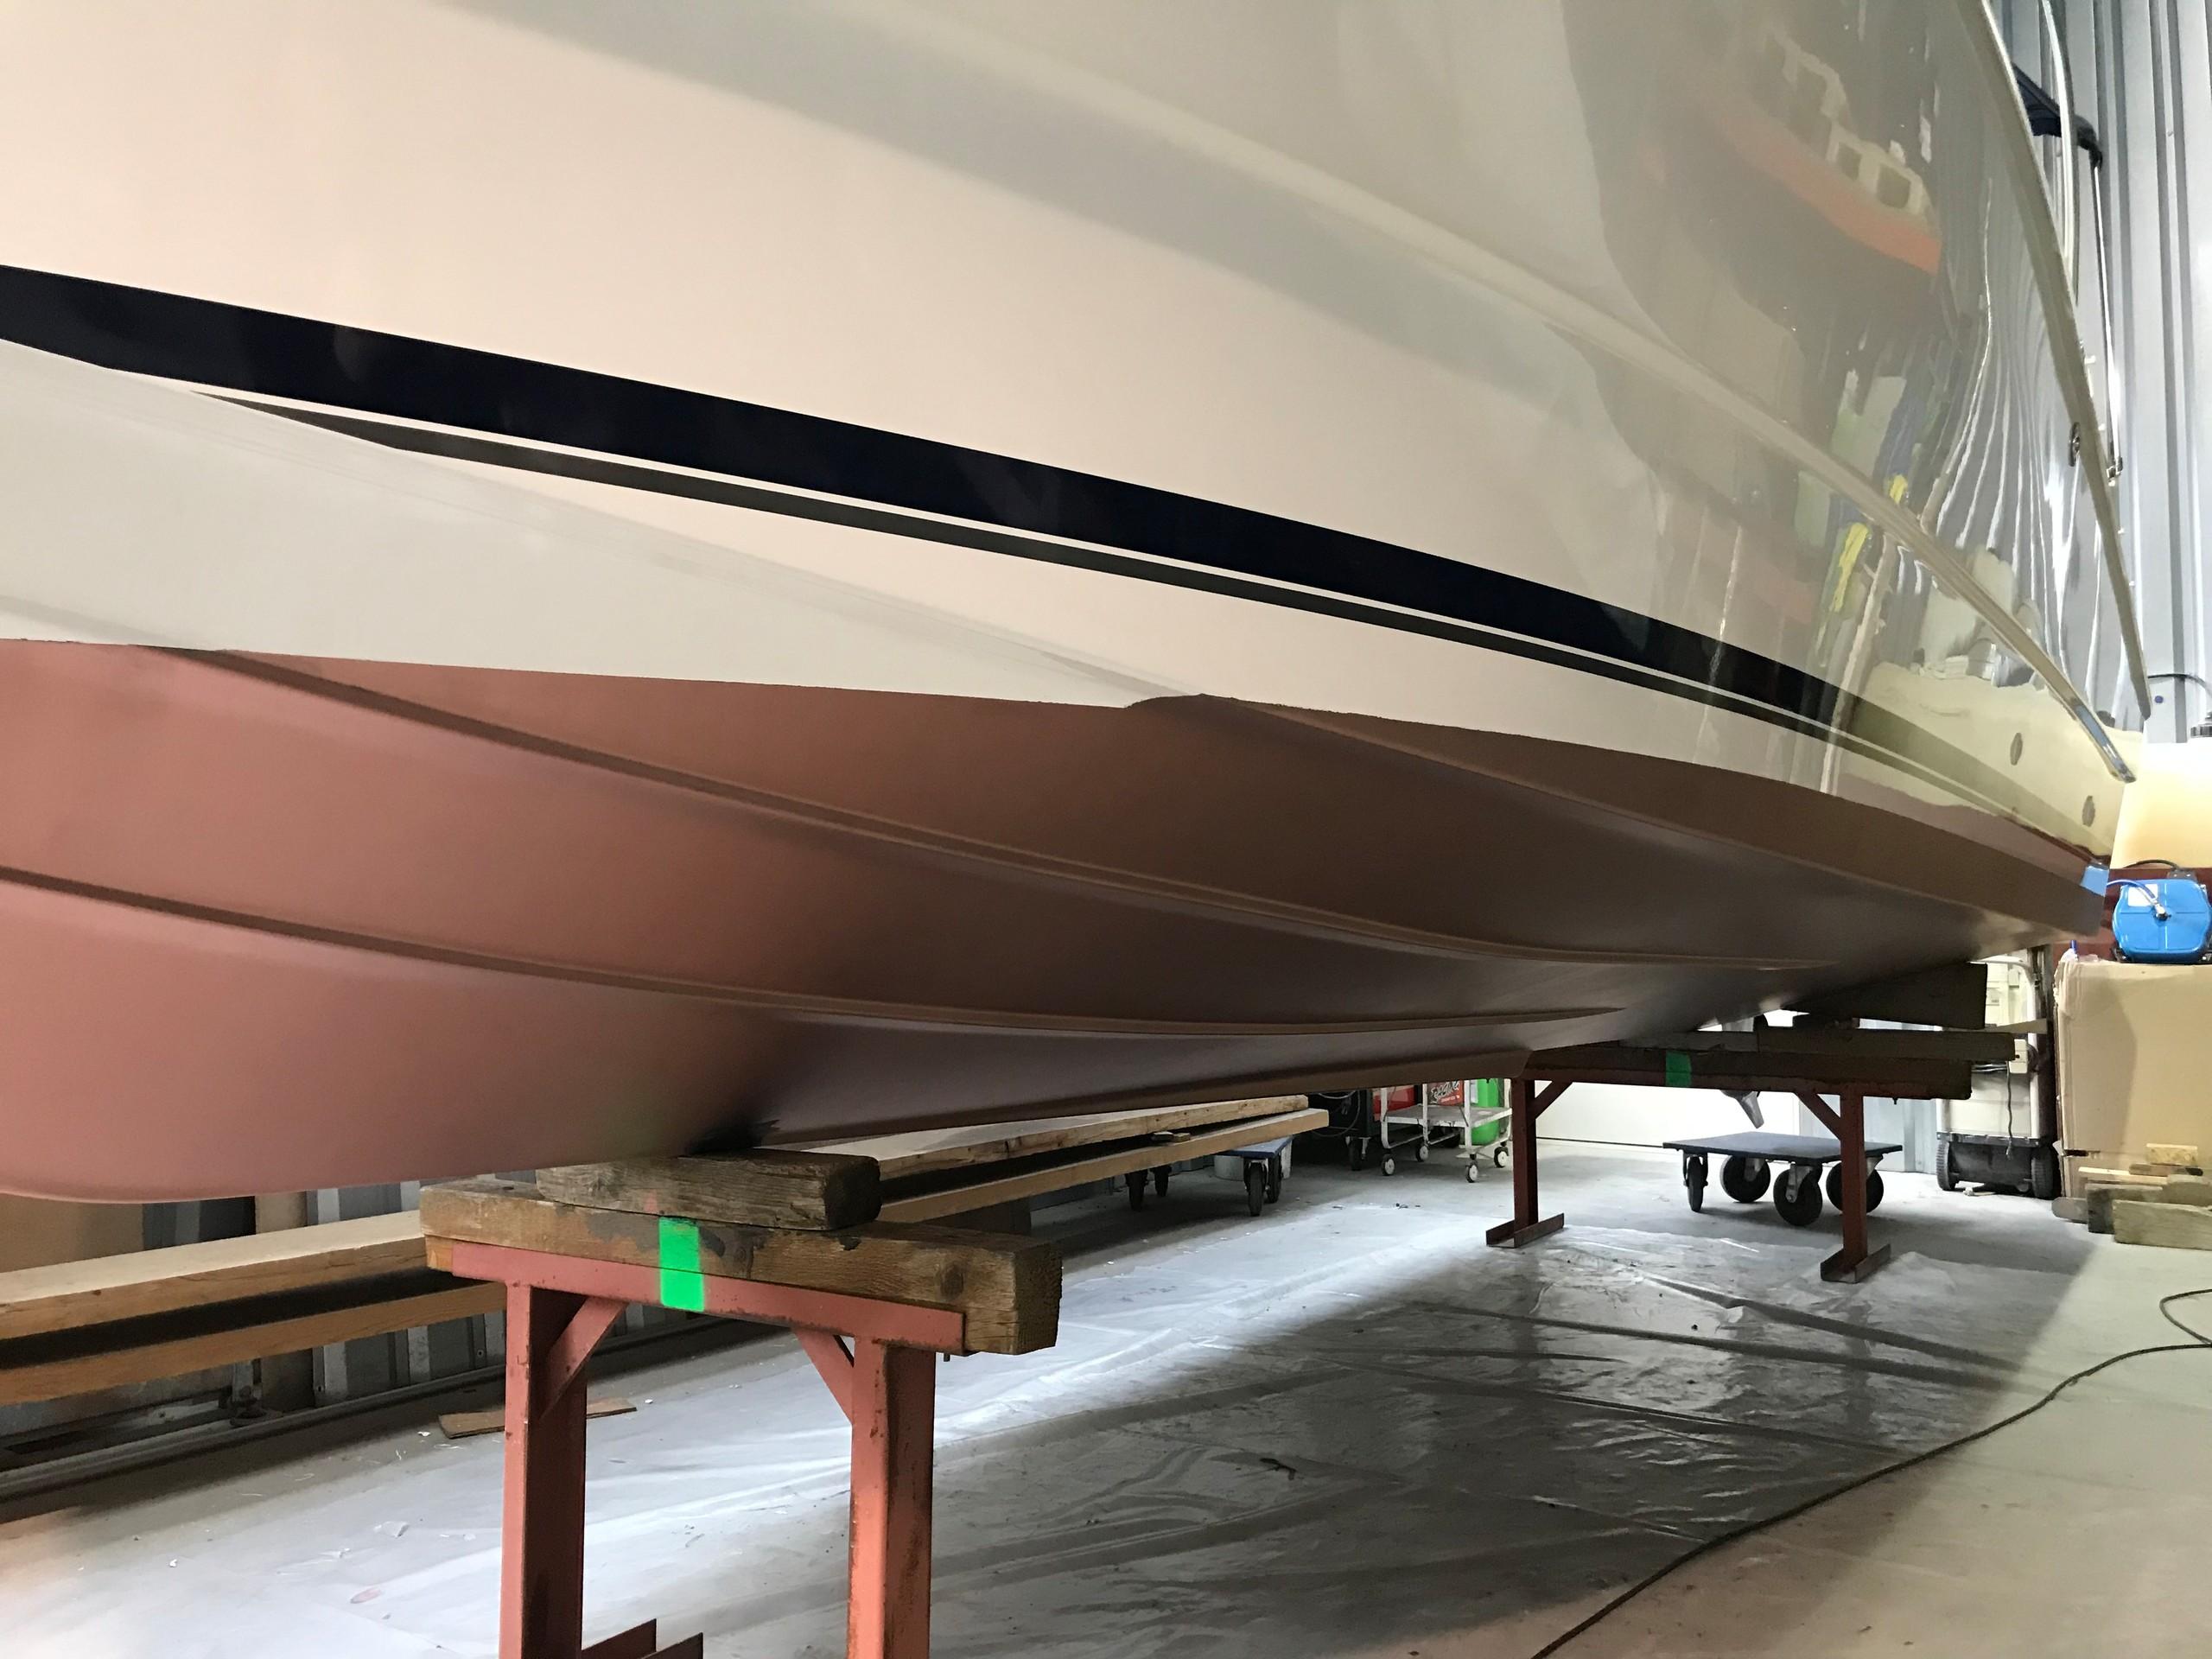 Bootsrumpf nach dem Antifouling Anstrich